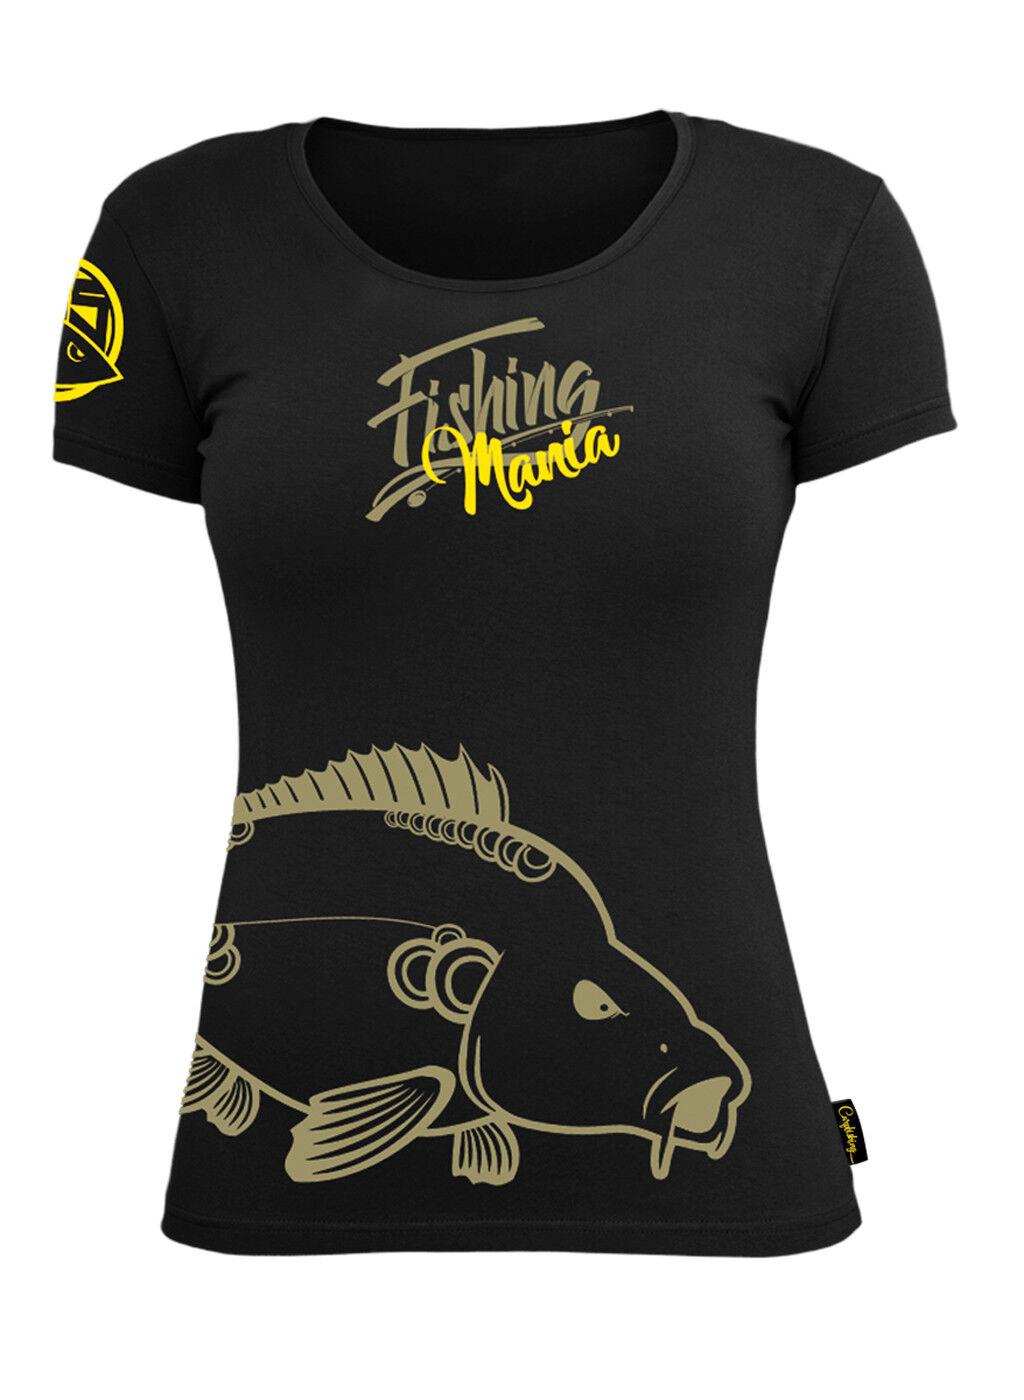 Hotspot Hotspot Hotspot Design T-Shirt Woman Fishing Mania Carpfishing - Collection Mania  | Züchtungen Eingeführt Werden Eine Nach Der Anderen  356de1